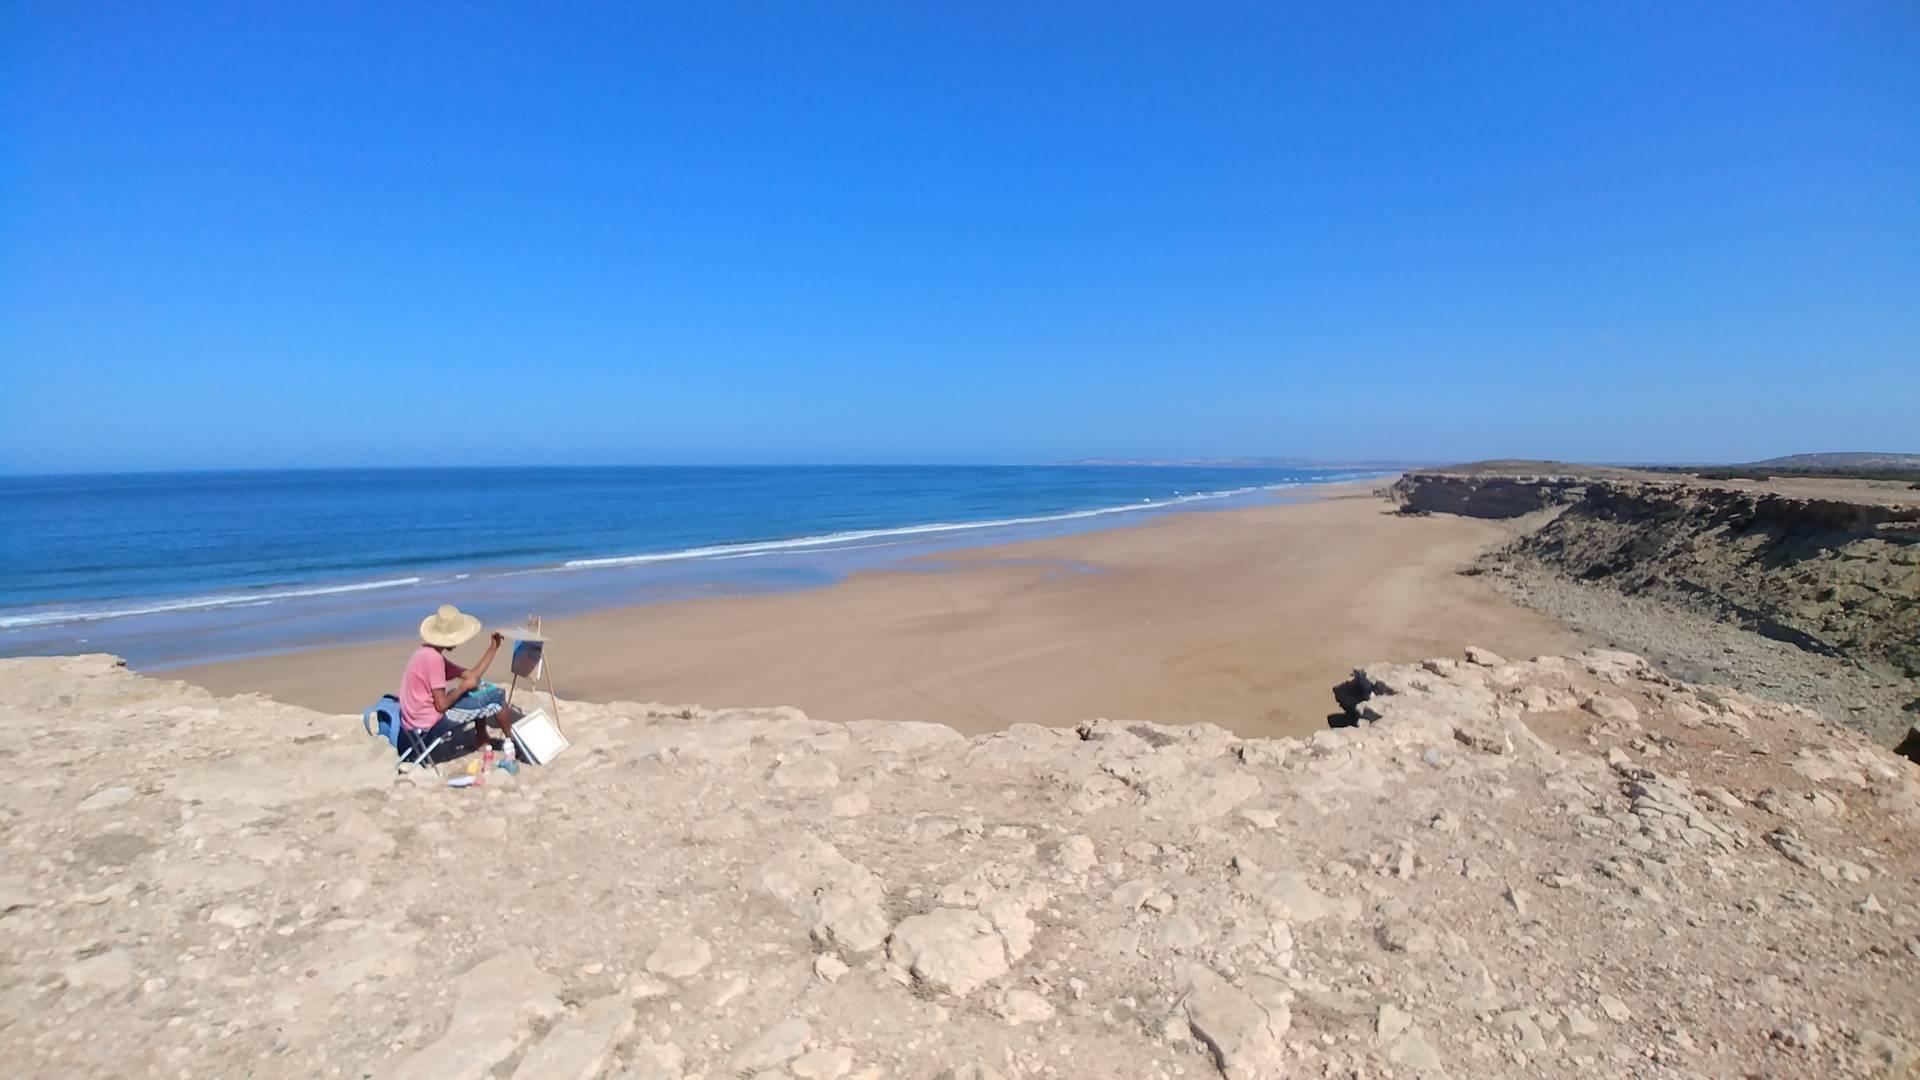 Maroc - Le peintre face à la plage à Essaouira